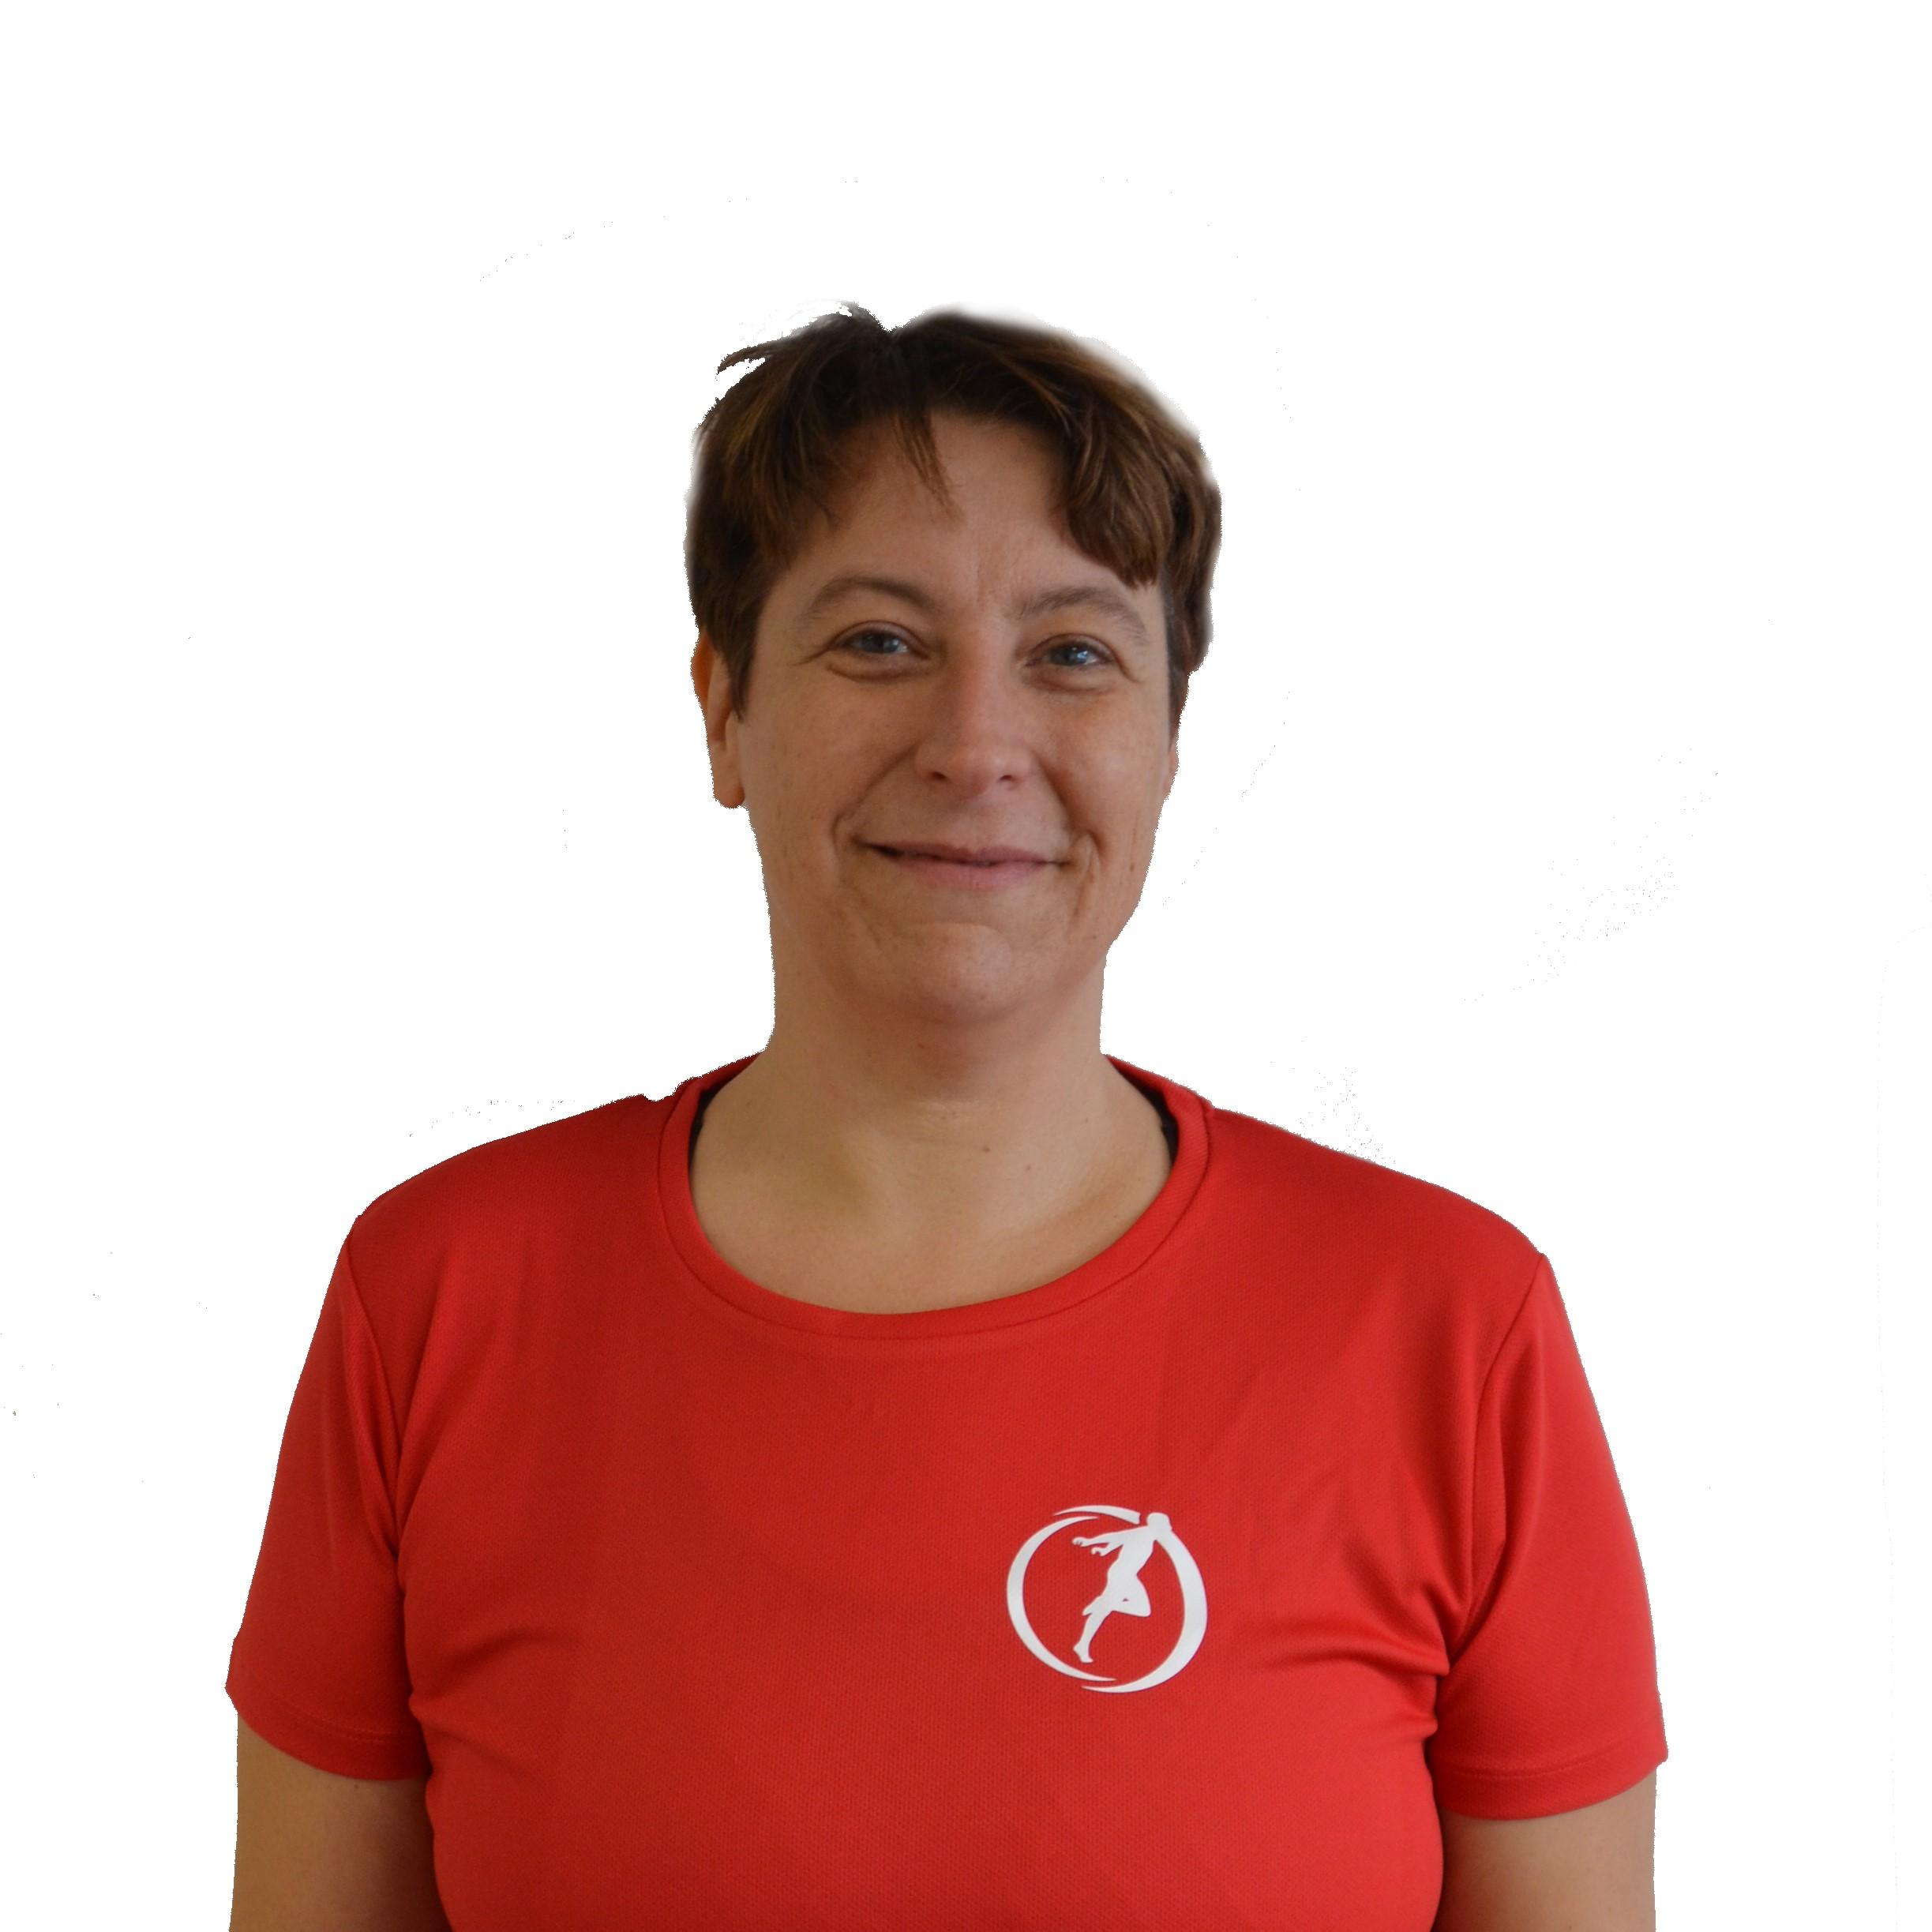 Inge Broekroelofs